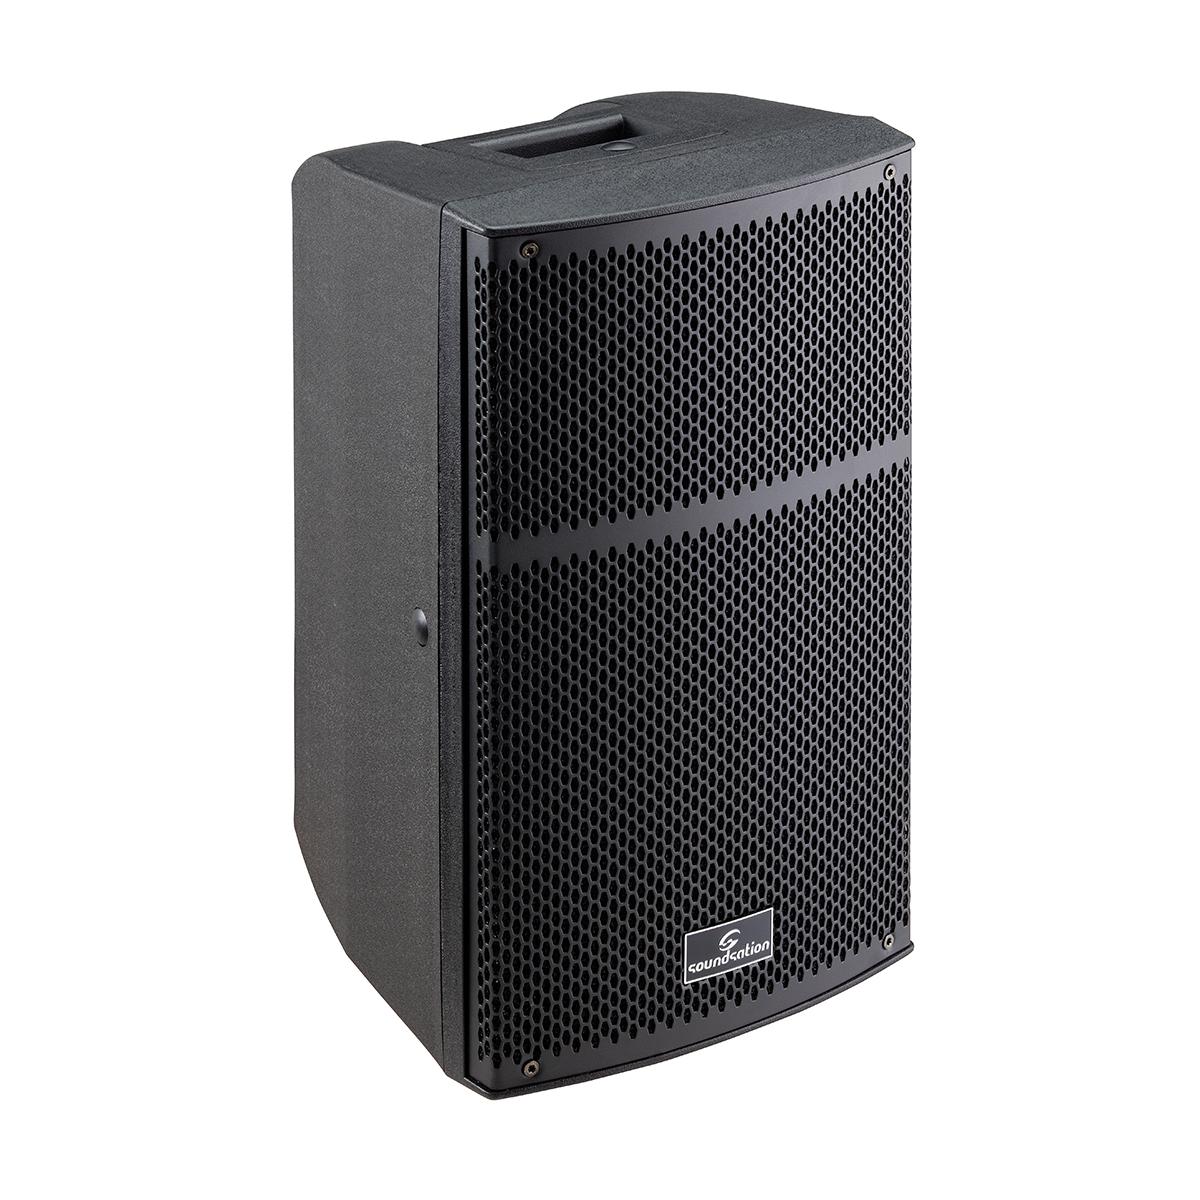 DIFFUSORE BI-AMP SOUNDSATION HYPER TOP 10A 500W CLASSE D